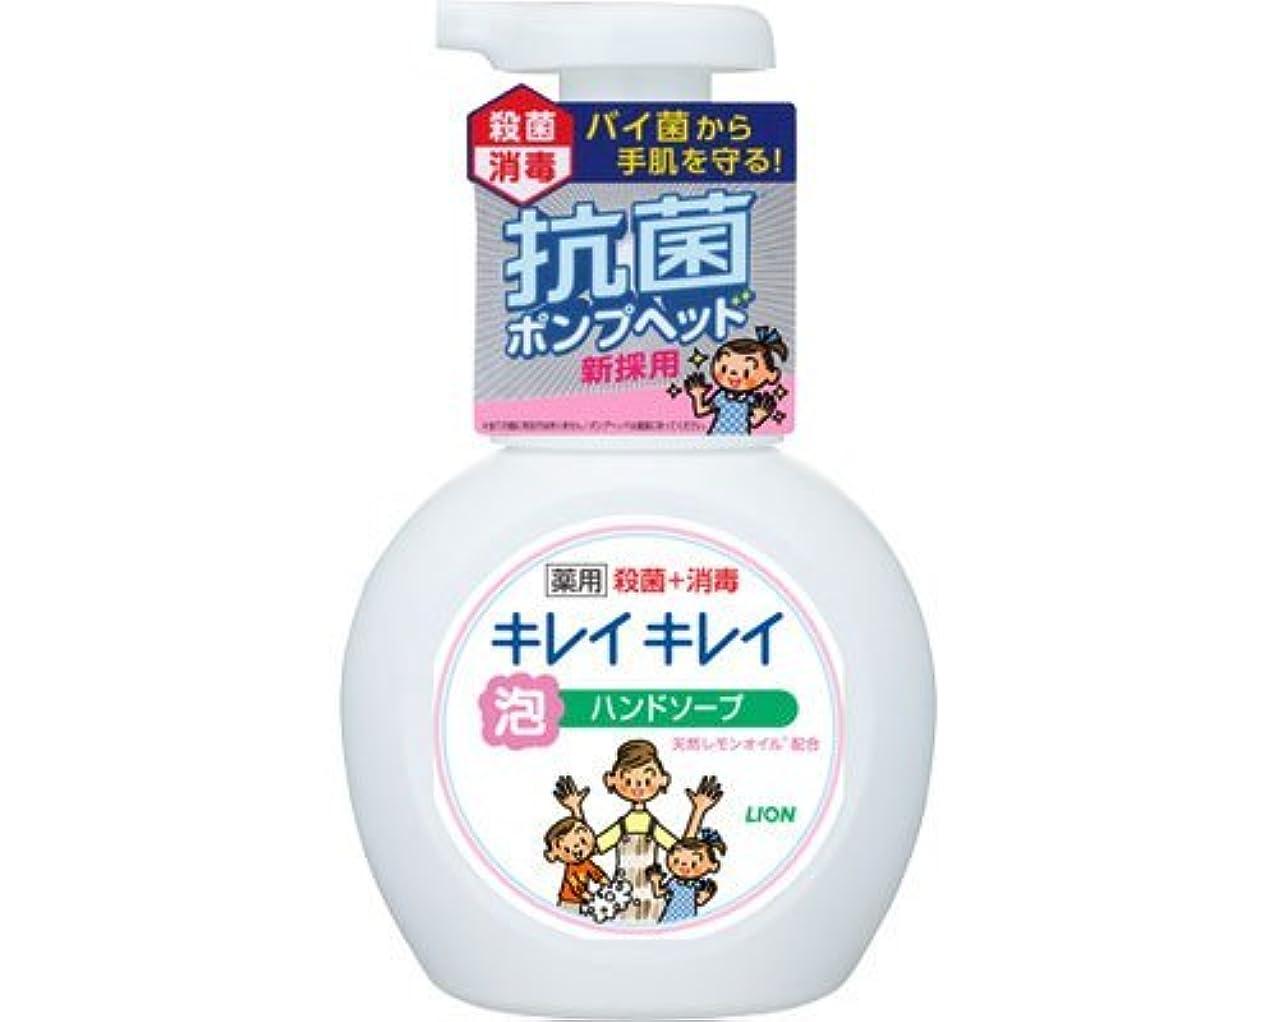 アボート可能にする流行しているキレイキレイ薬用泡ハンドソープ 250mLポンプ (ライオン) (手指洗浄)